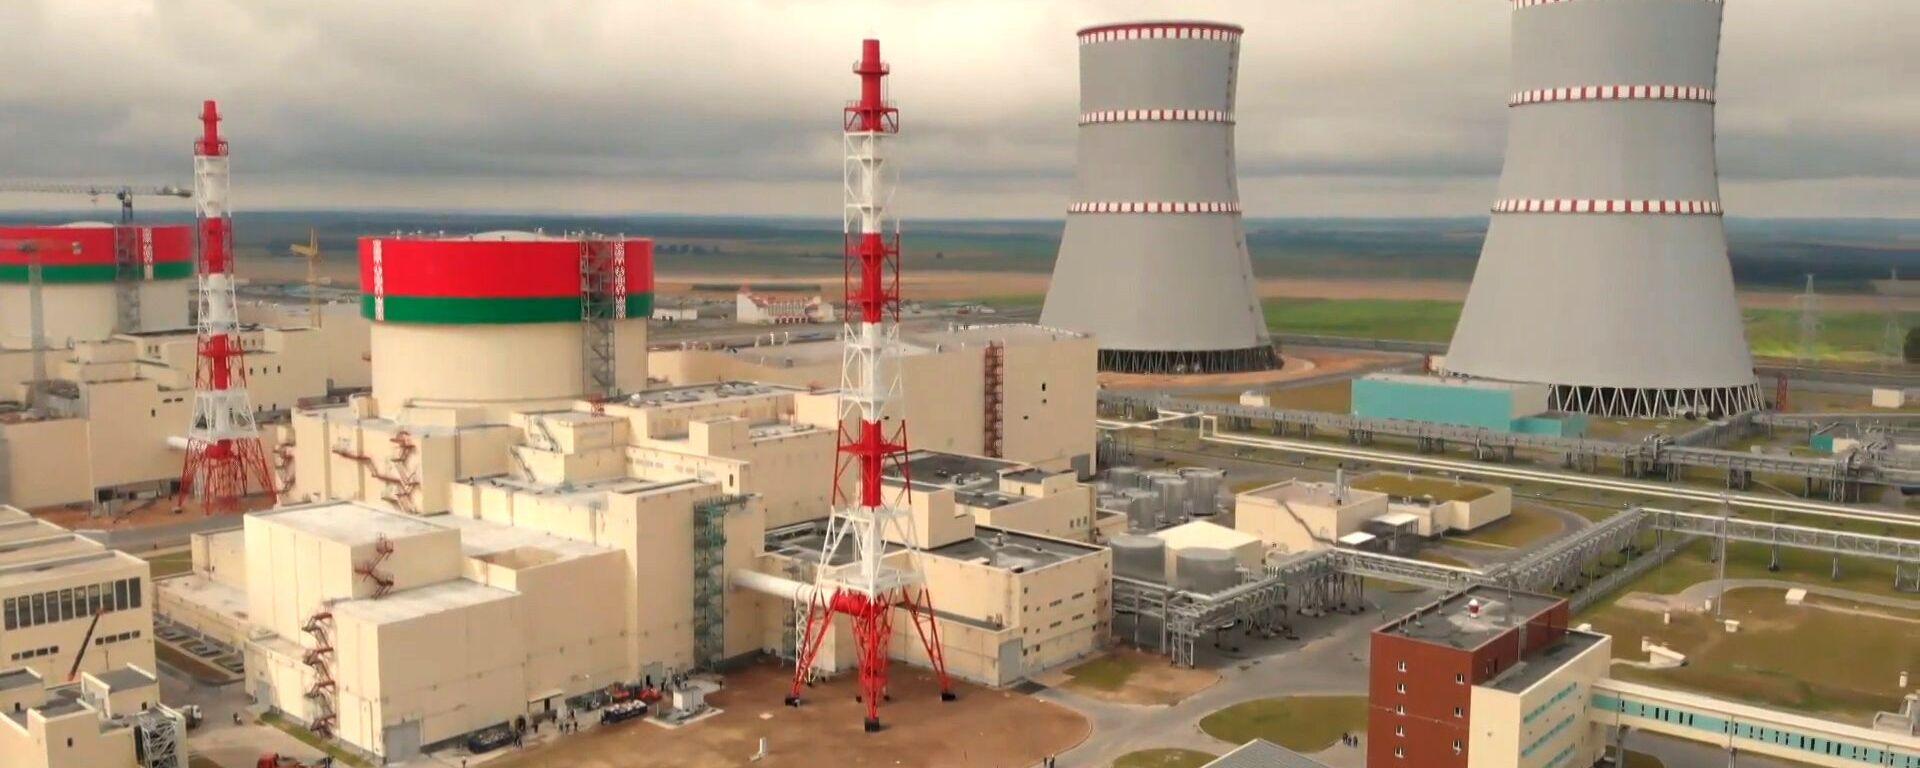 Первая атомная электростанция открылась в Беларуси - видео - Sputnik Грузия, 1920, 10.11.2020